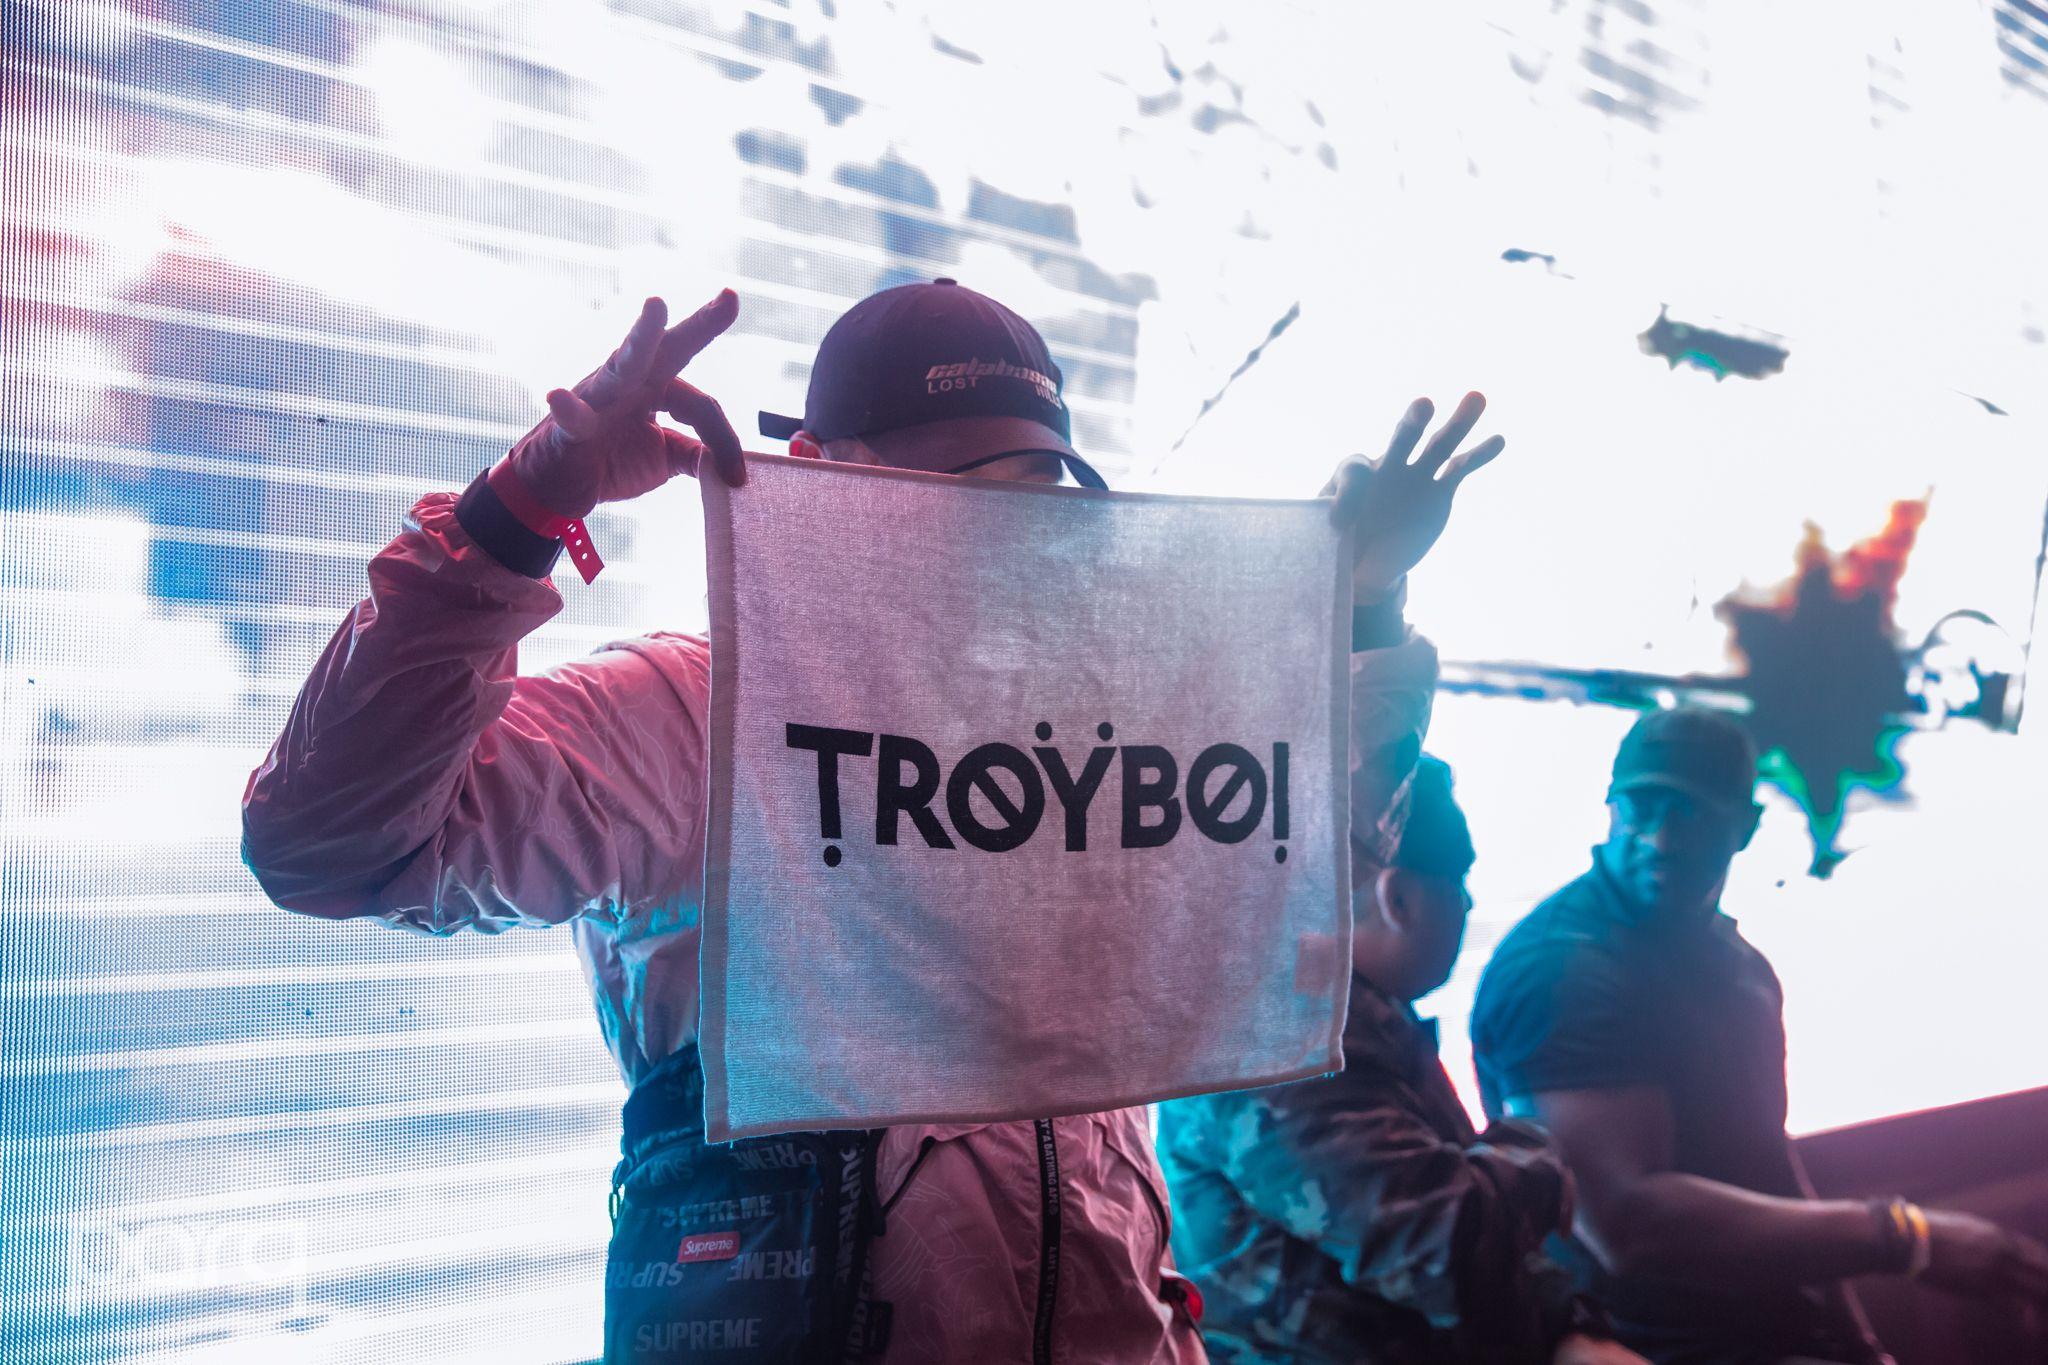 11.21.18 Parq - Troy Boi-8.jpg